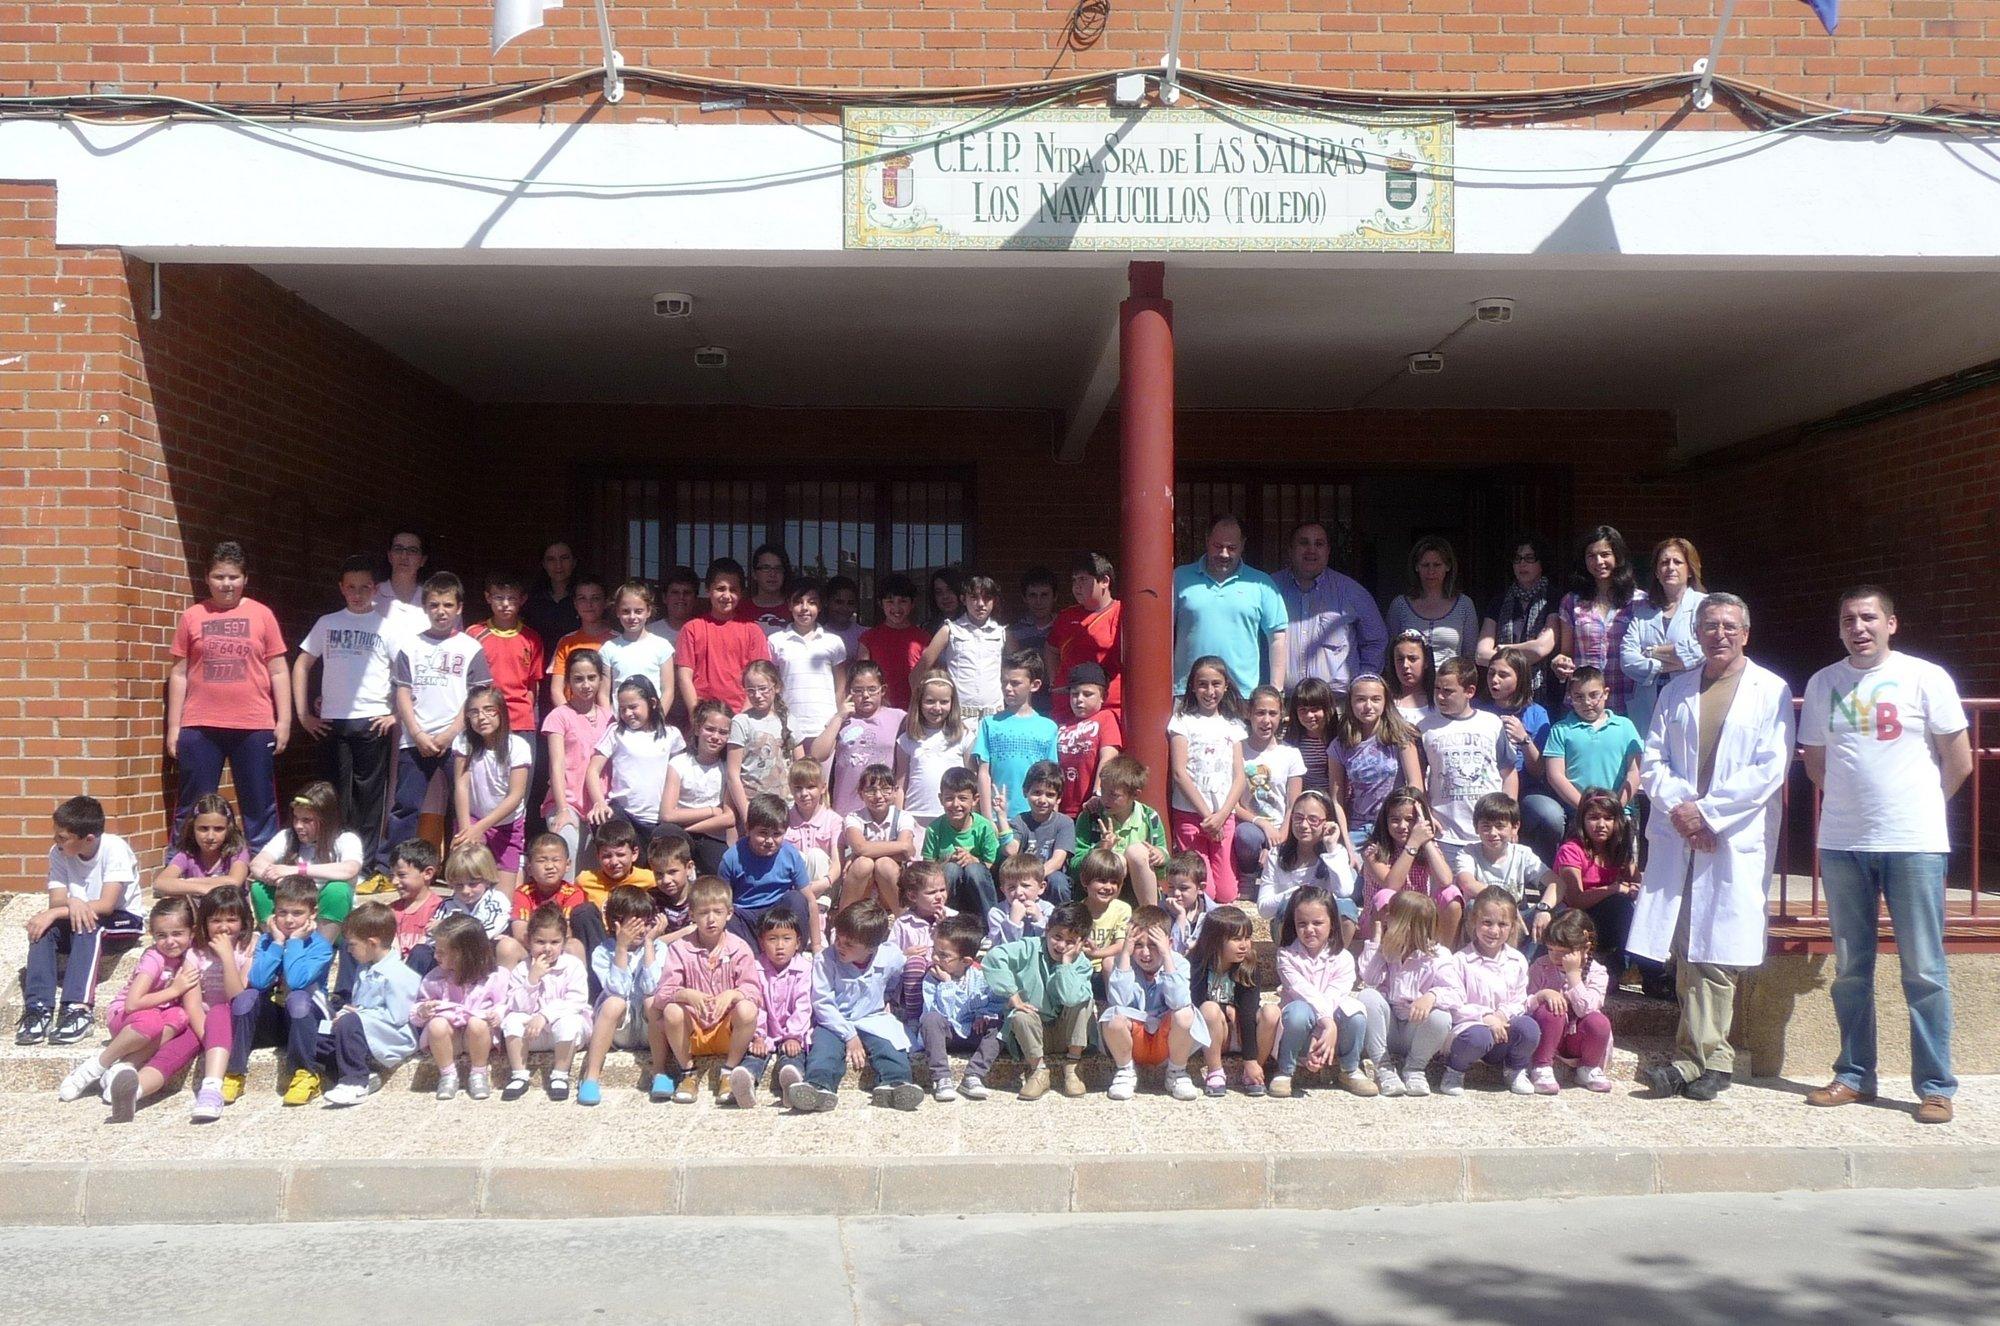 Enfermeros de AP de Talavera reducen un 7% la incidencia de la obesidad infantil en Los Navalucillos